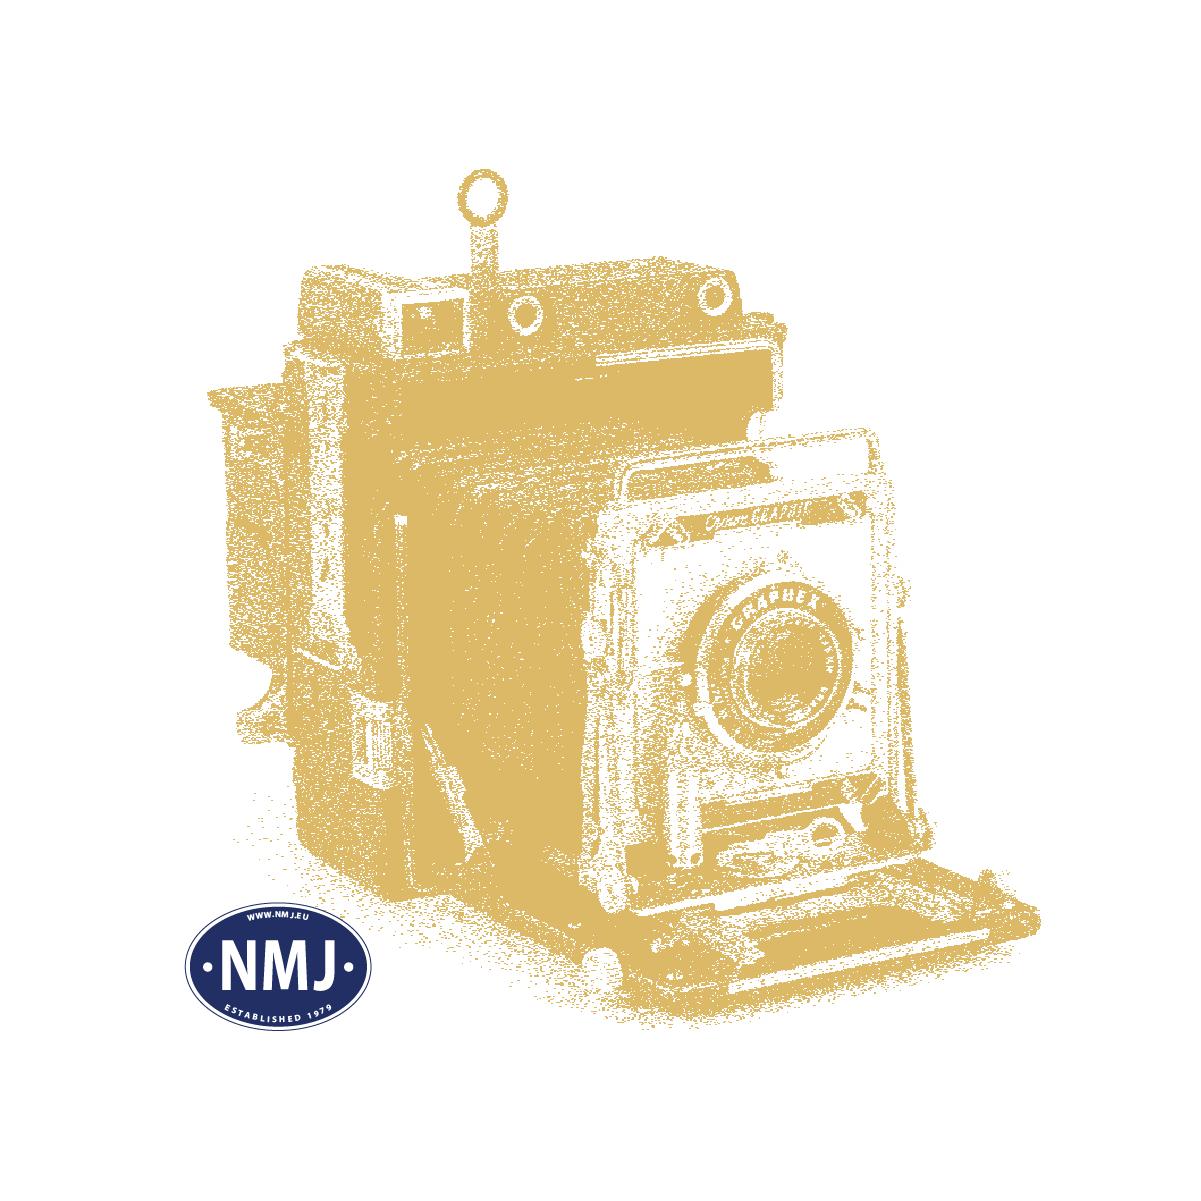 NOC15573 - Kamerateam